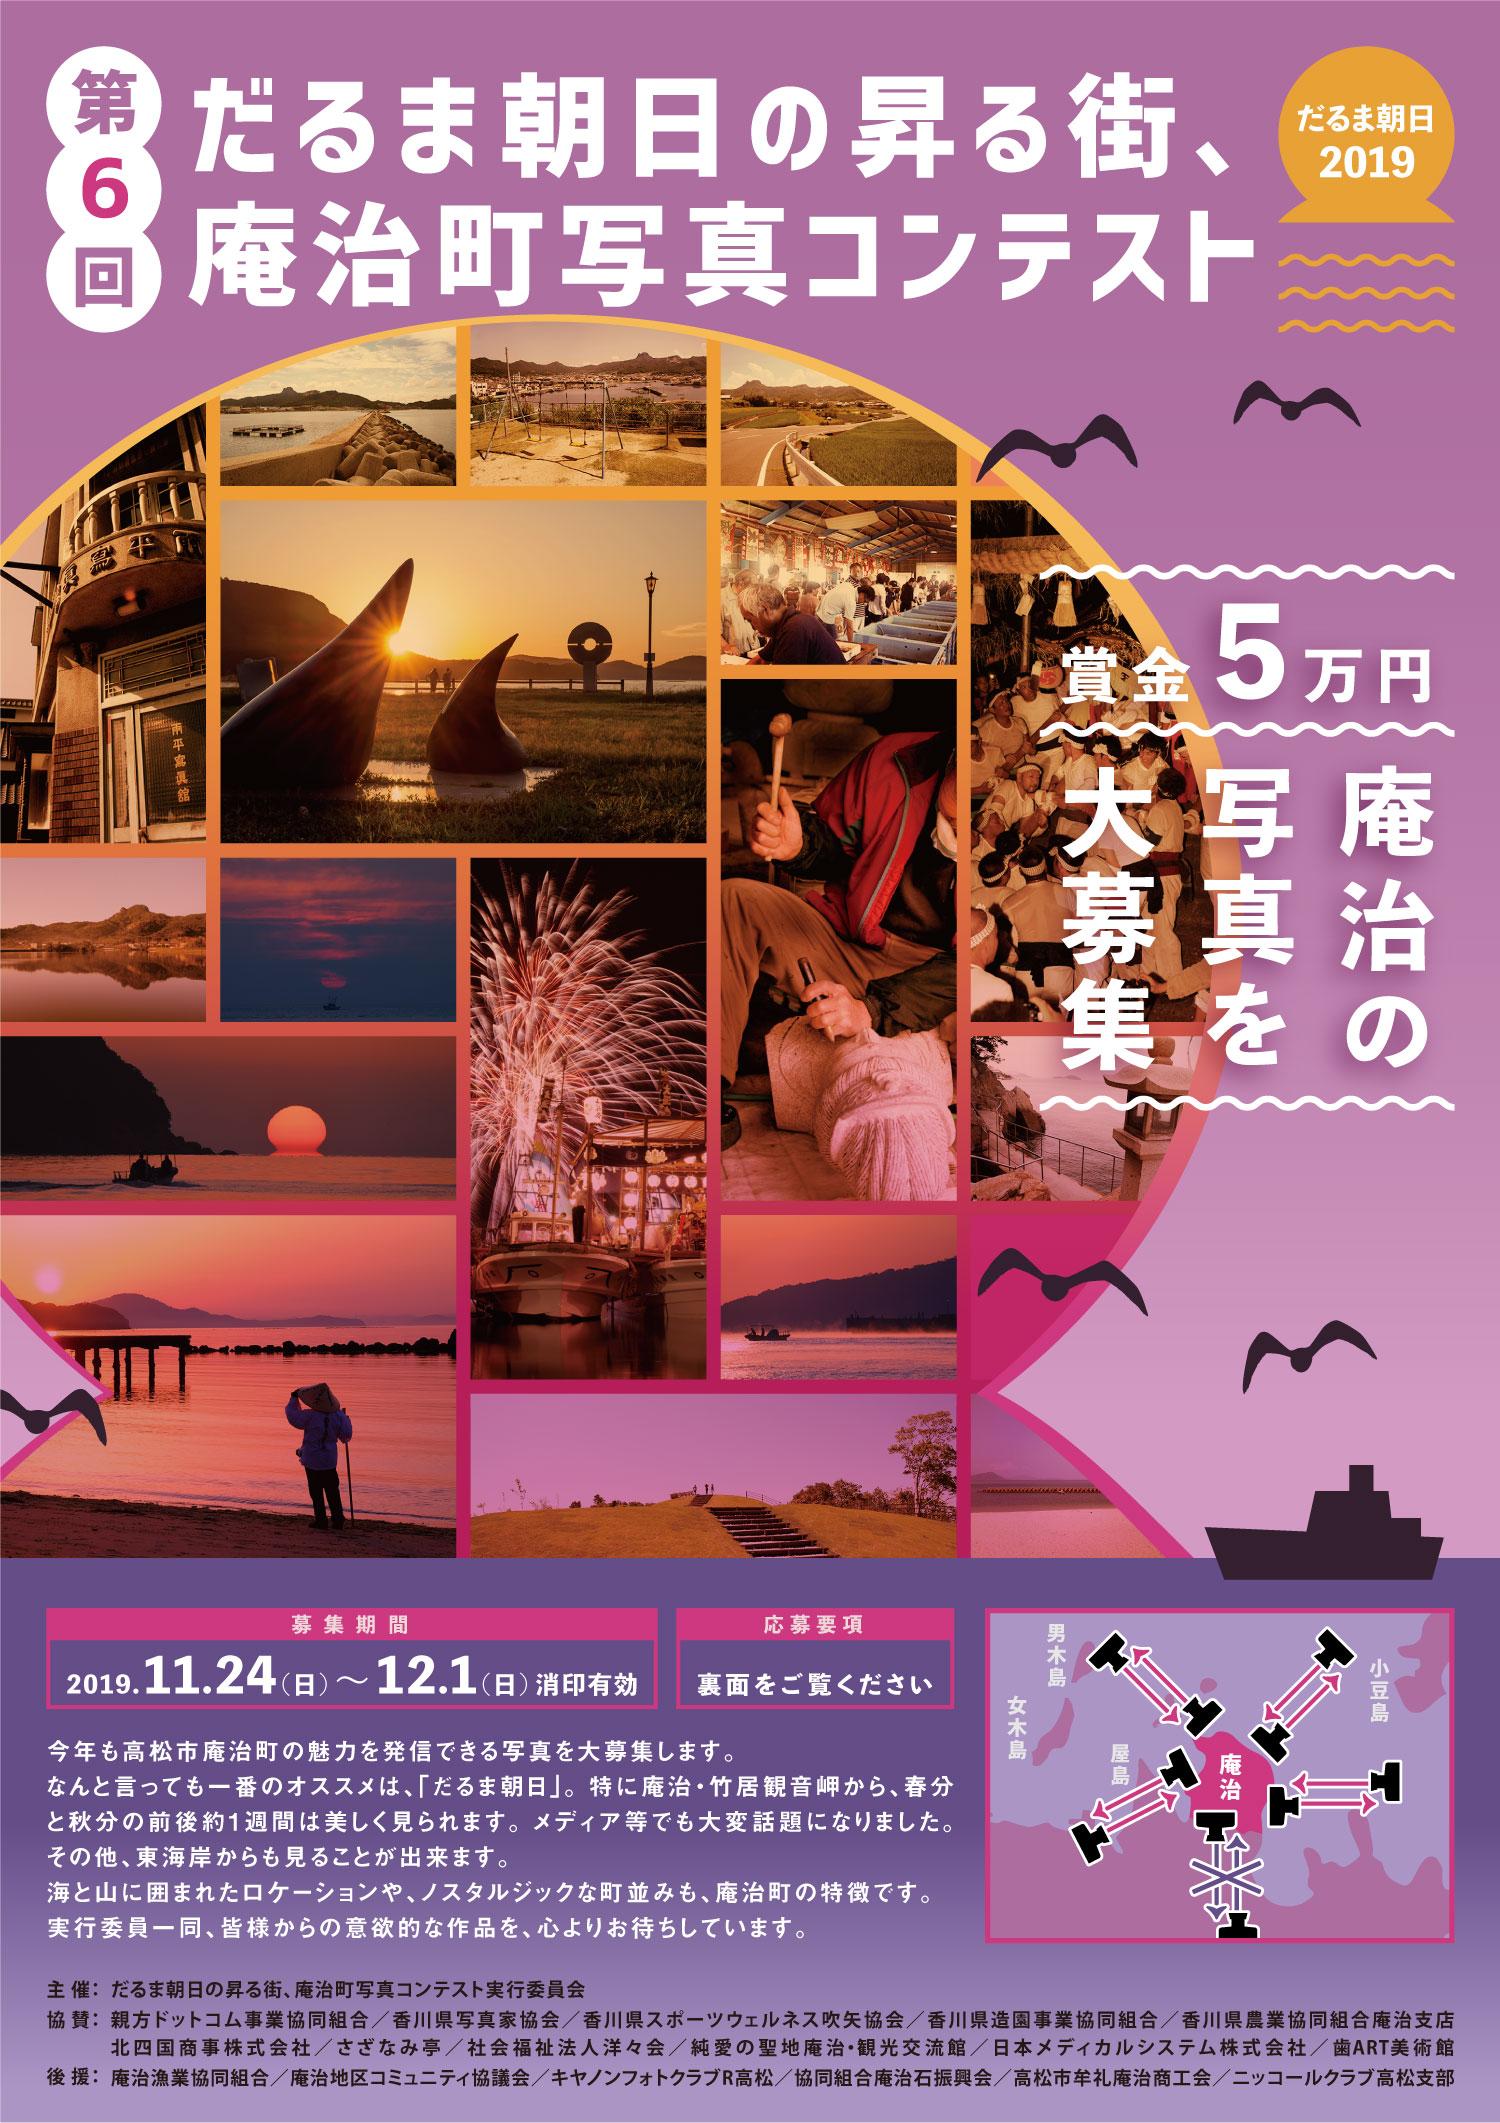 第6回(2019年度) だるま朝日の昇る街、庵治町写真コンテスト 応募要項 表